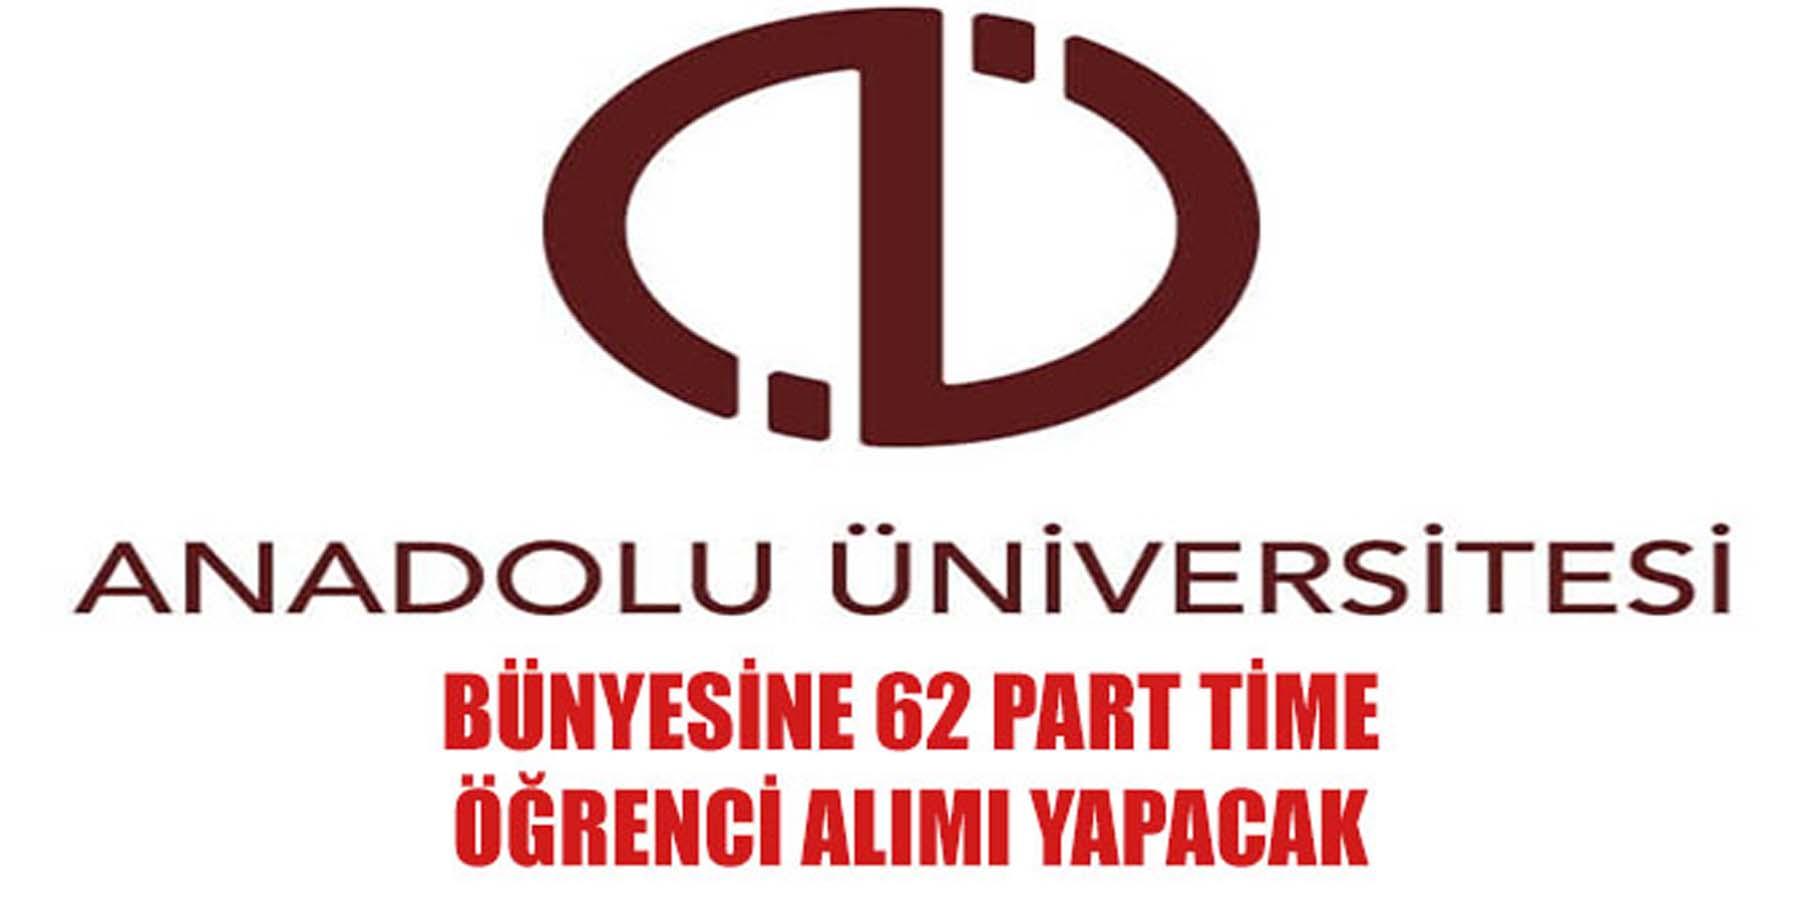 Anadolu Üniversitesi 62 Part Time Öğrenci Çalıştıracak